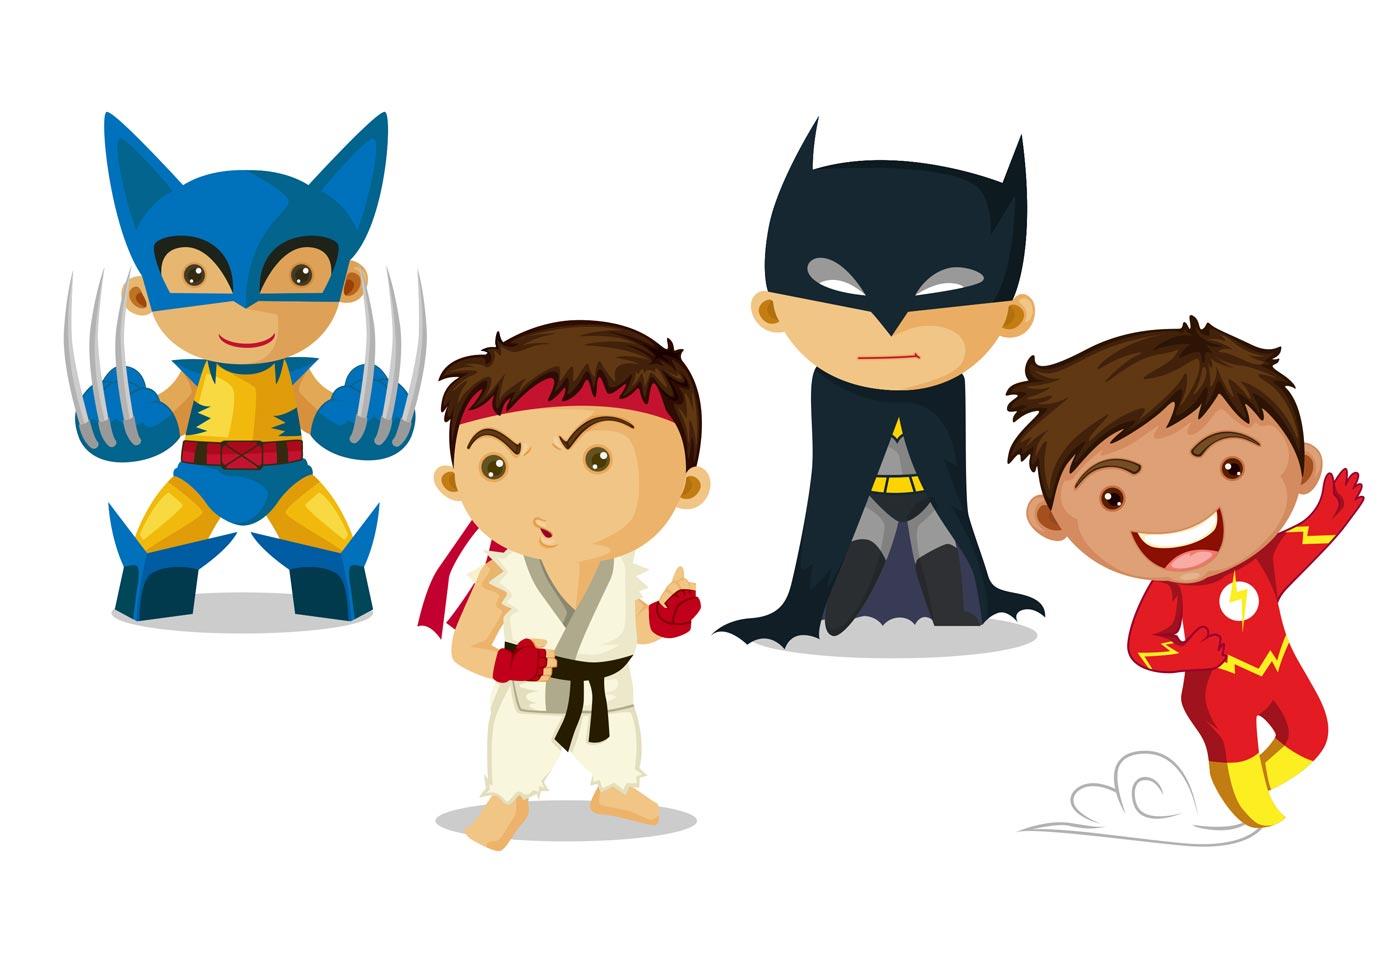 Super Hero Kid Vectors - Download Free Vector Art, Stock Graphics ...